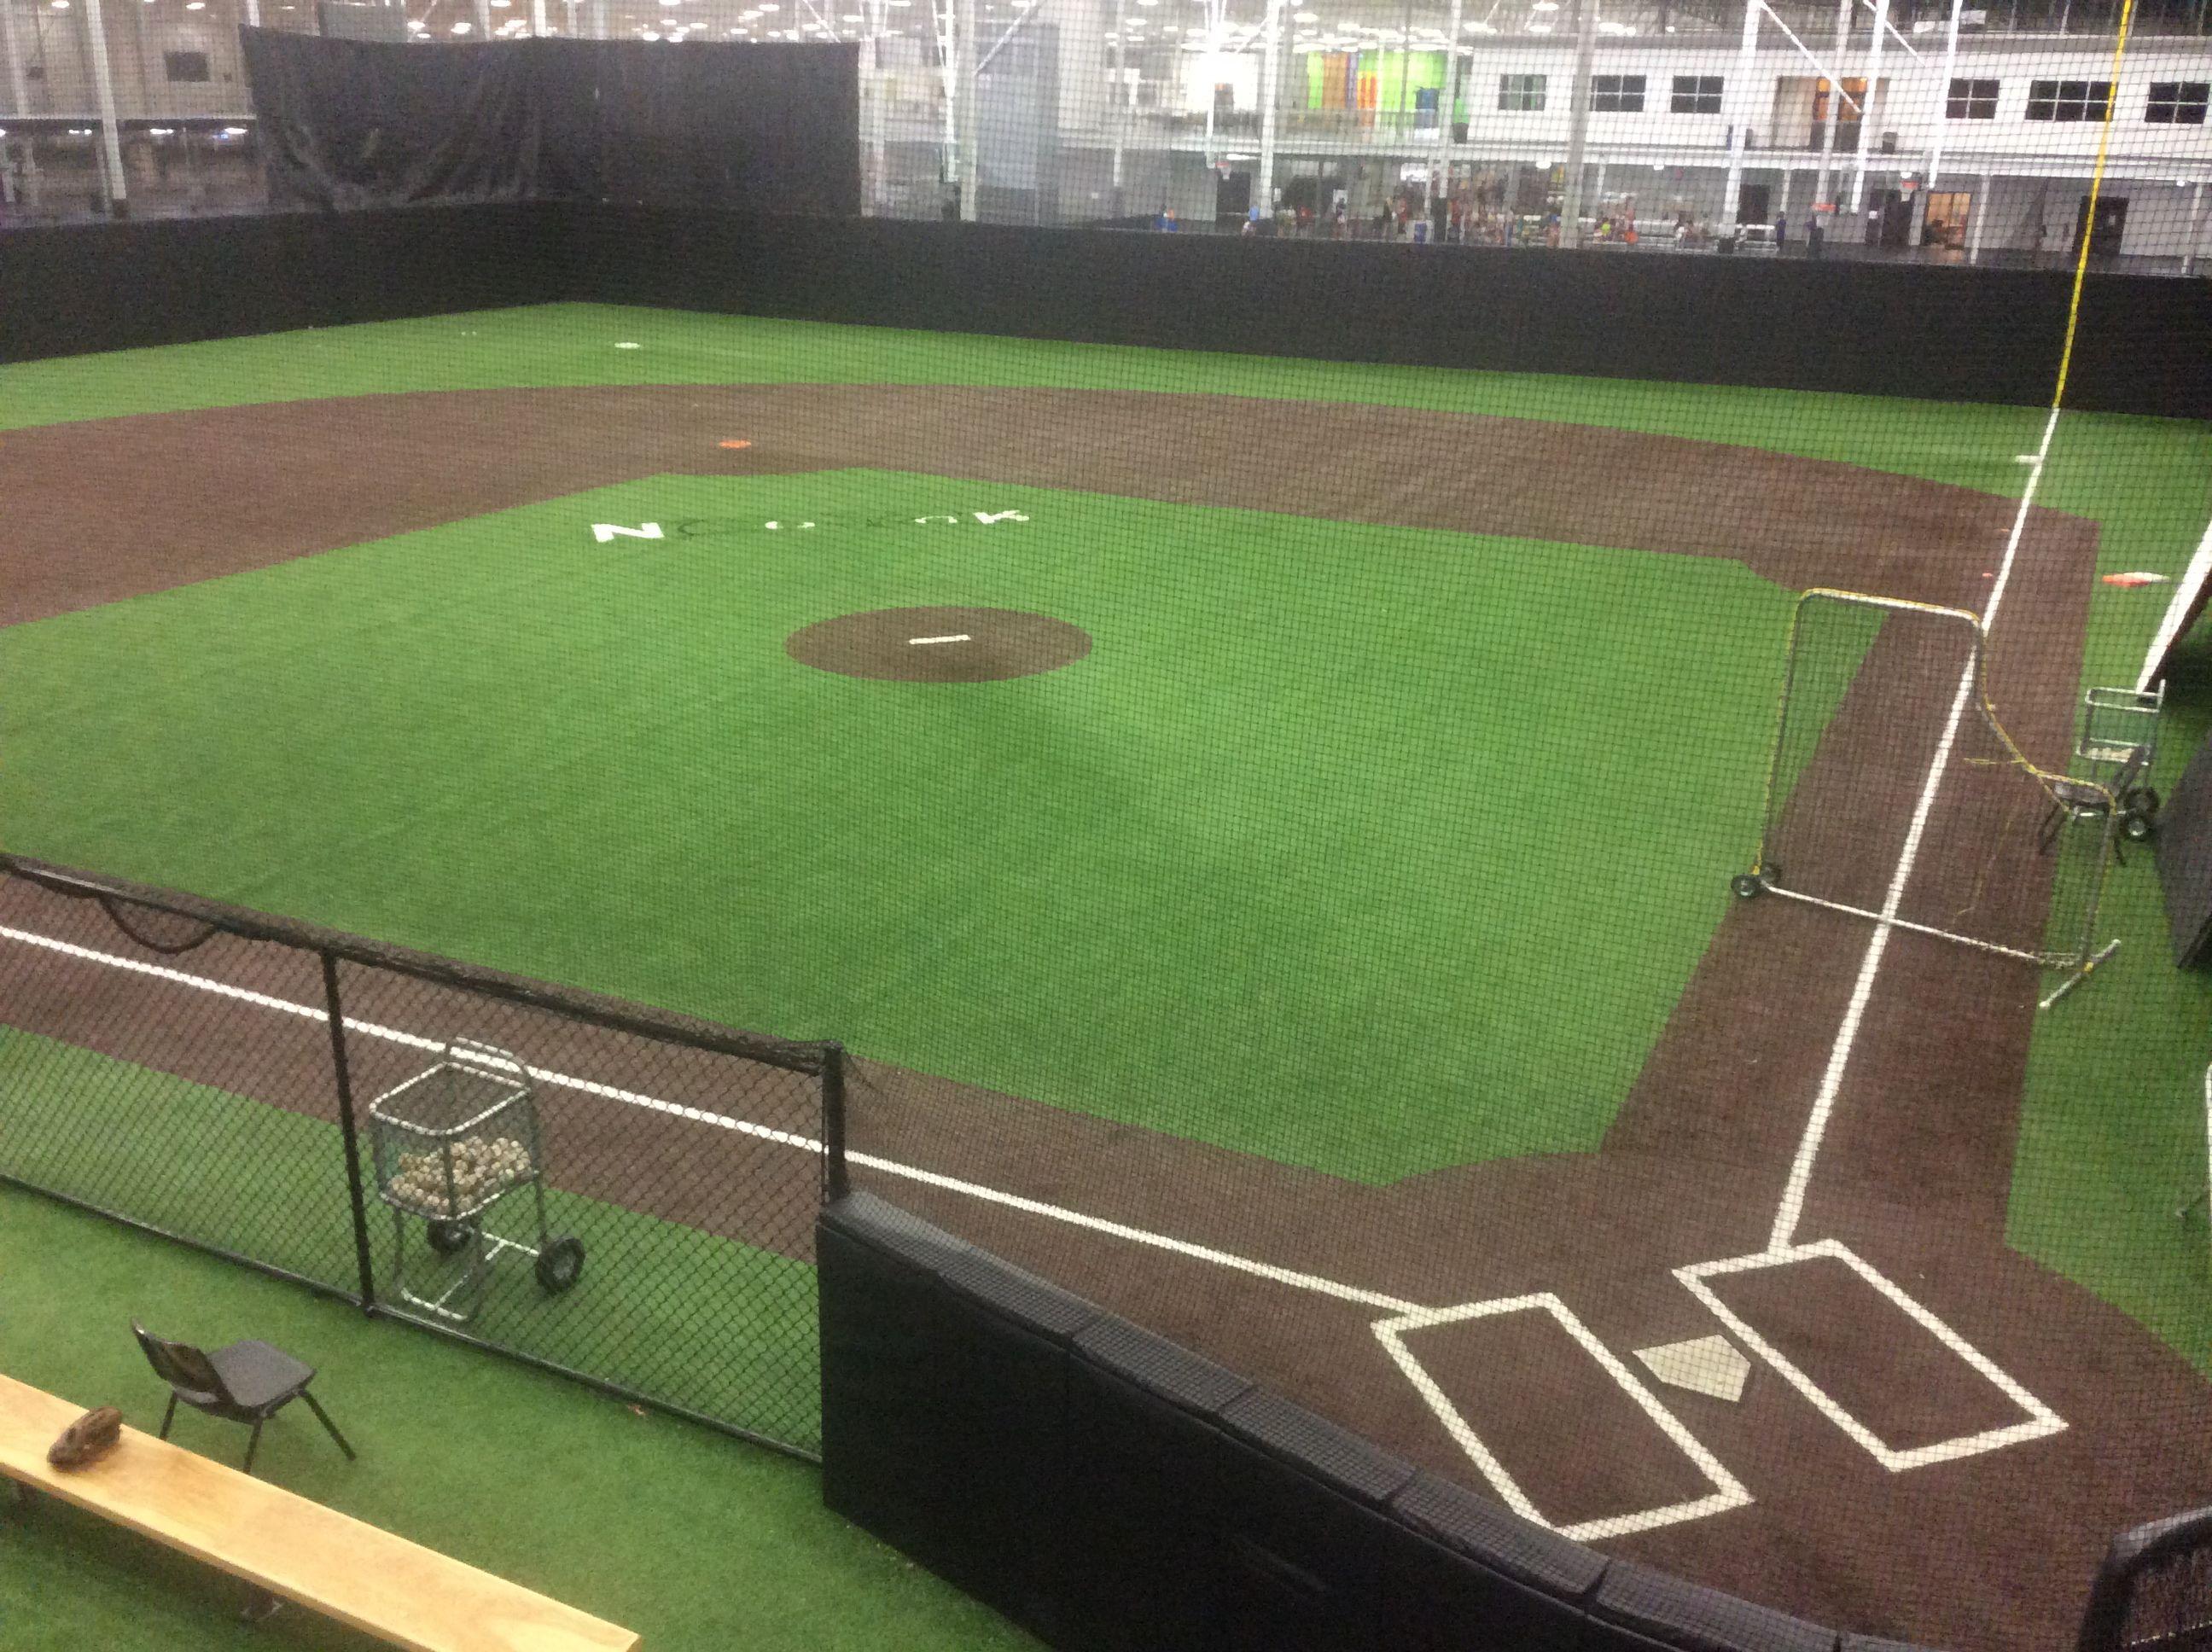 The Turf Baseball Field Sports Training Facility Spooky Nook Sports Baseball Training